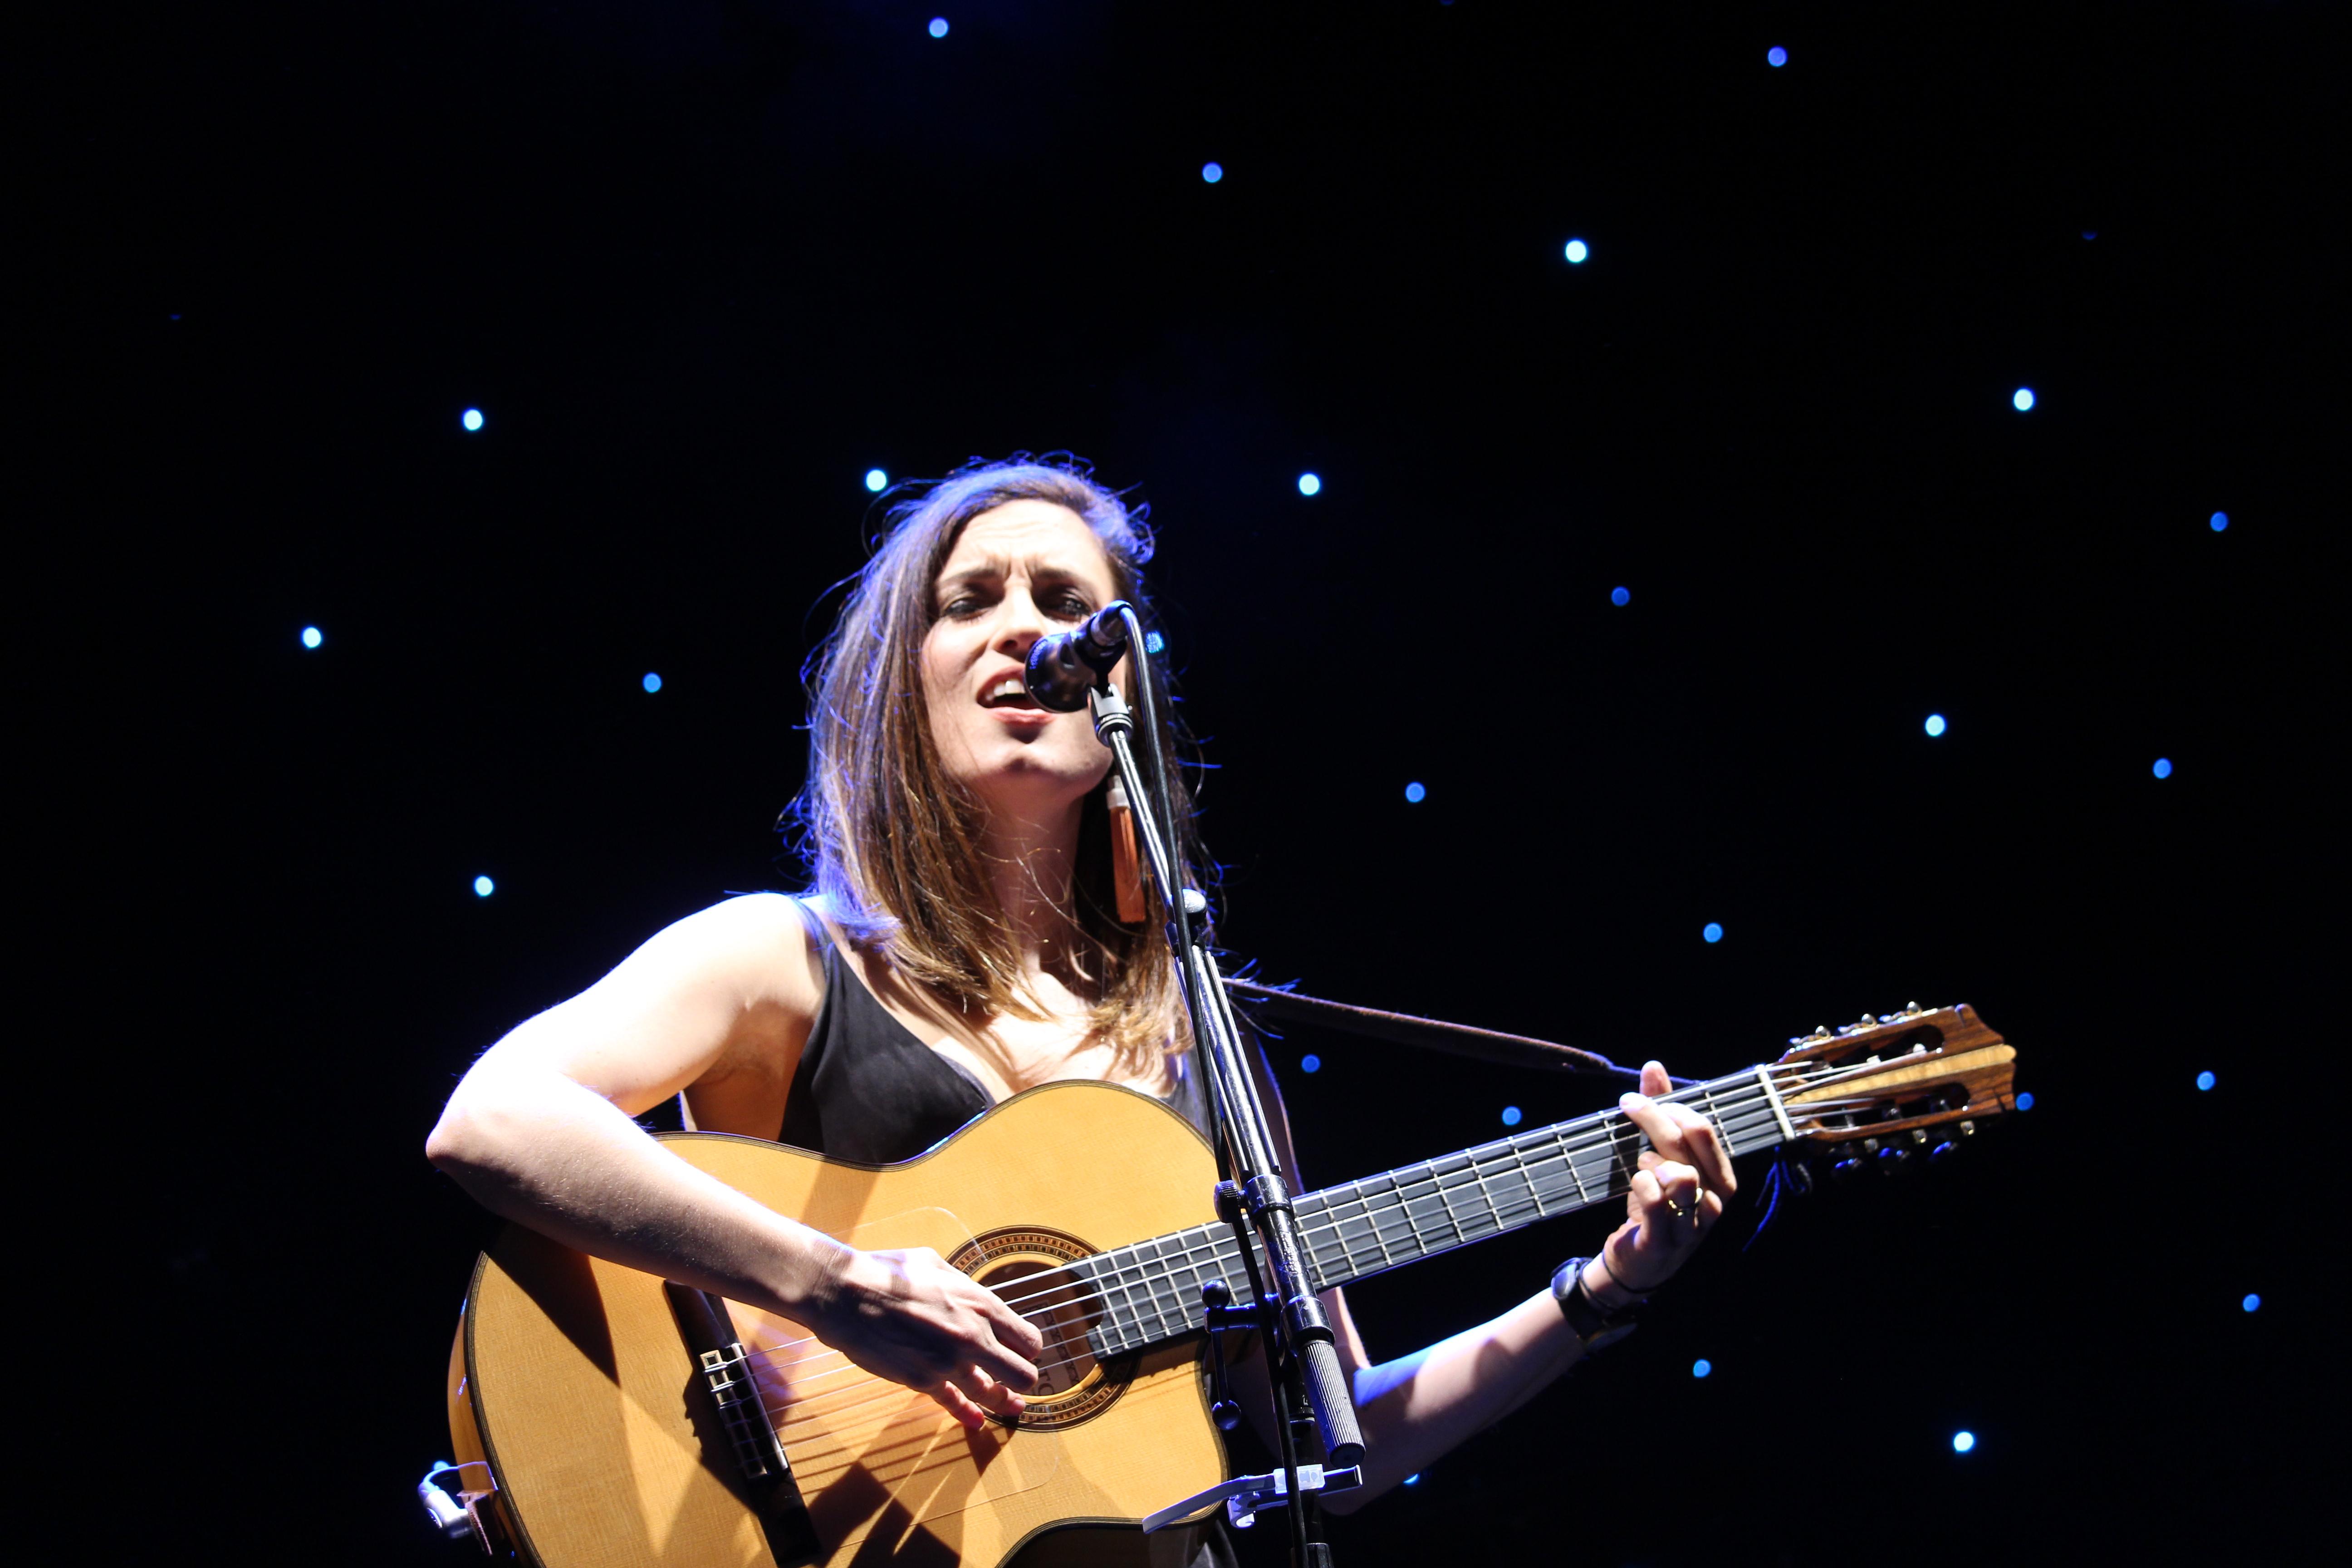 Melbourne singer-songwriter Missy Higgins